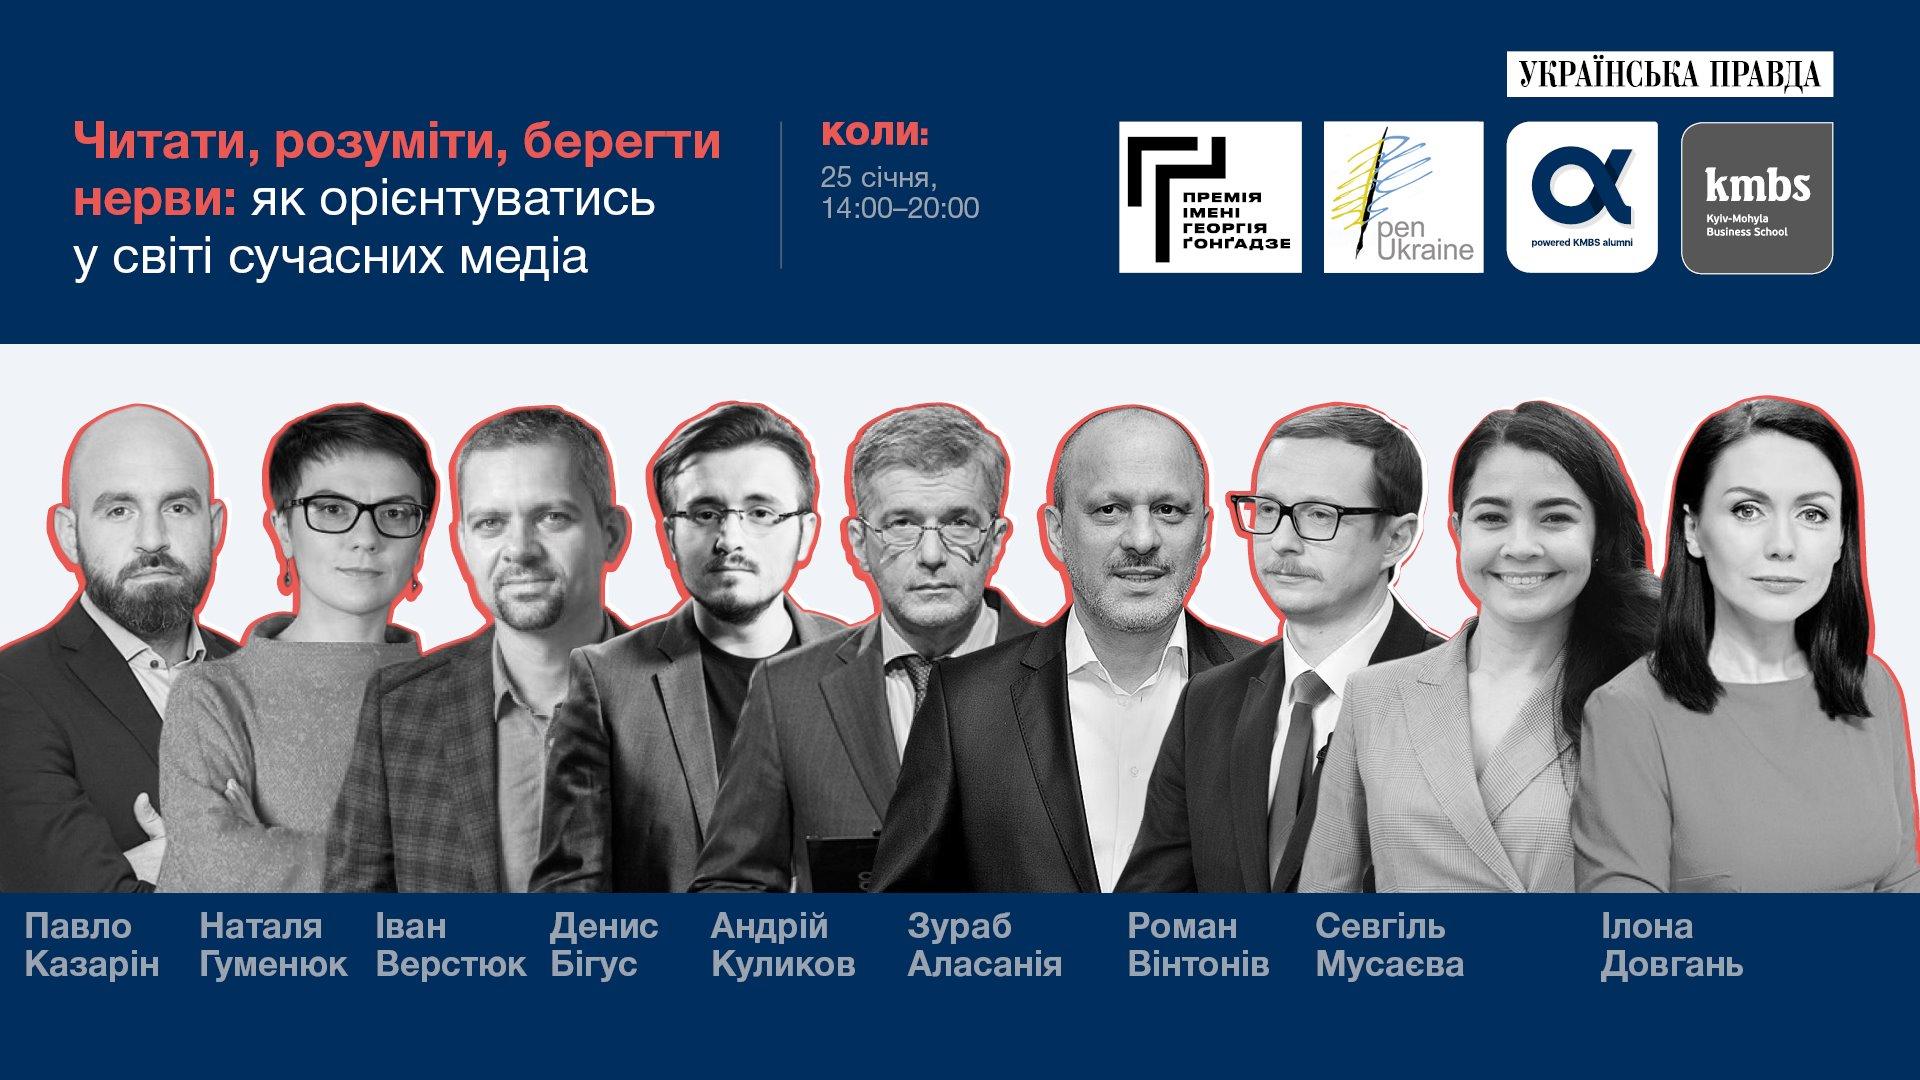 Сучасні медіа: зорієнтуватися в інформаційному потоці - Премія імені Георгія Ґонґадзе, київщина, Київ, ЗМІ, PEN Ukraine - 0104 media